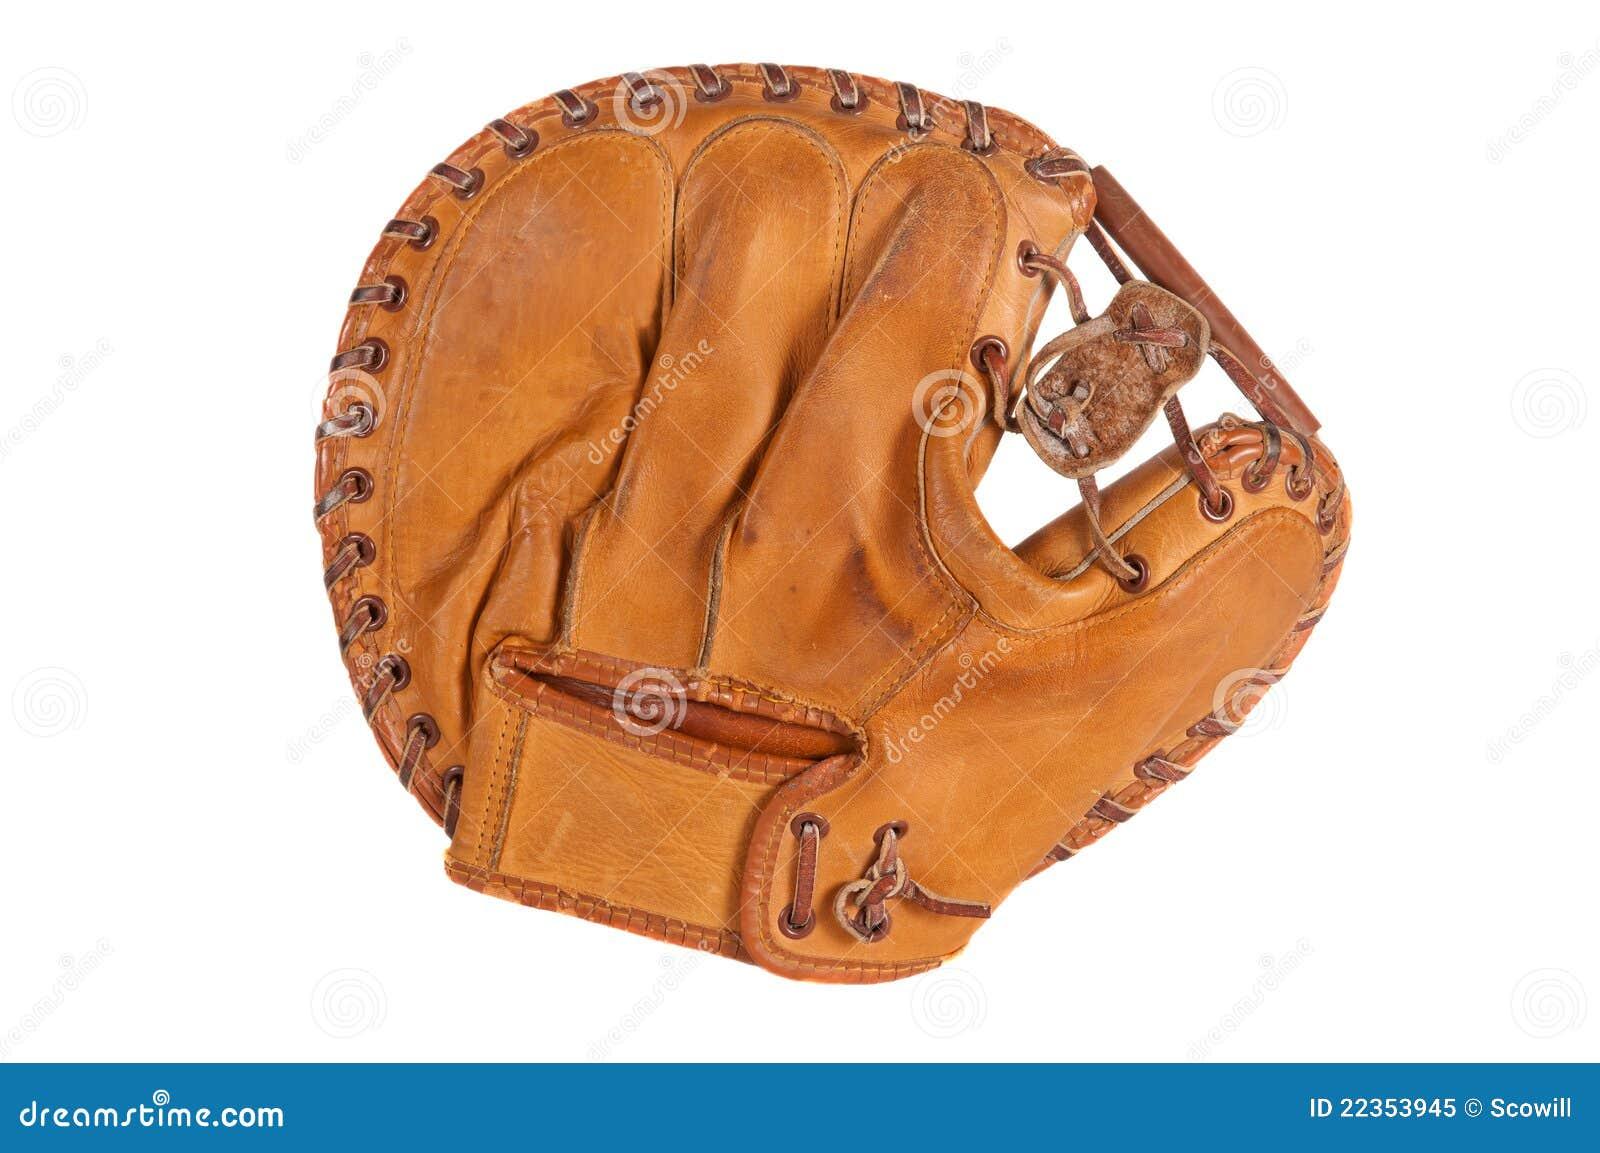 葡萄酒棒球俘获器的露指手套